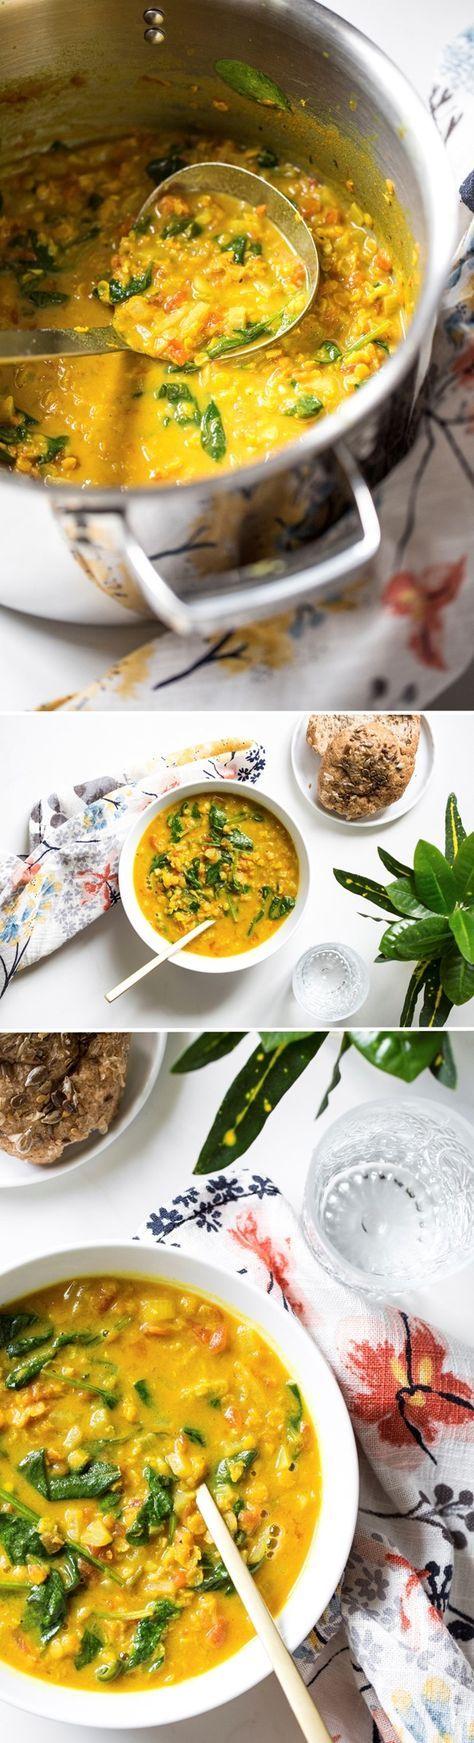 Glowing Spiced Lentil Soup. #Vegan #GlutenFree #SoyFree